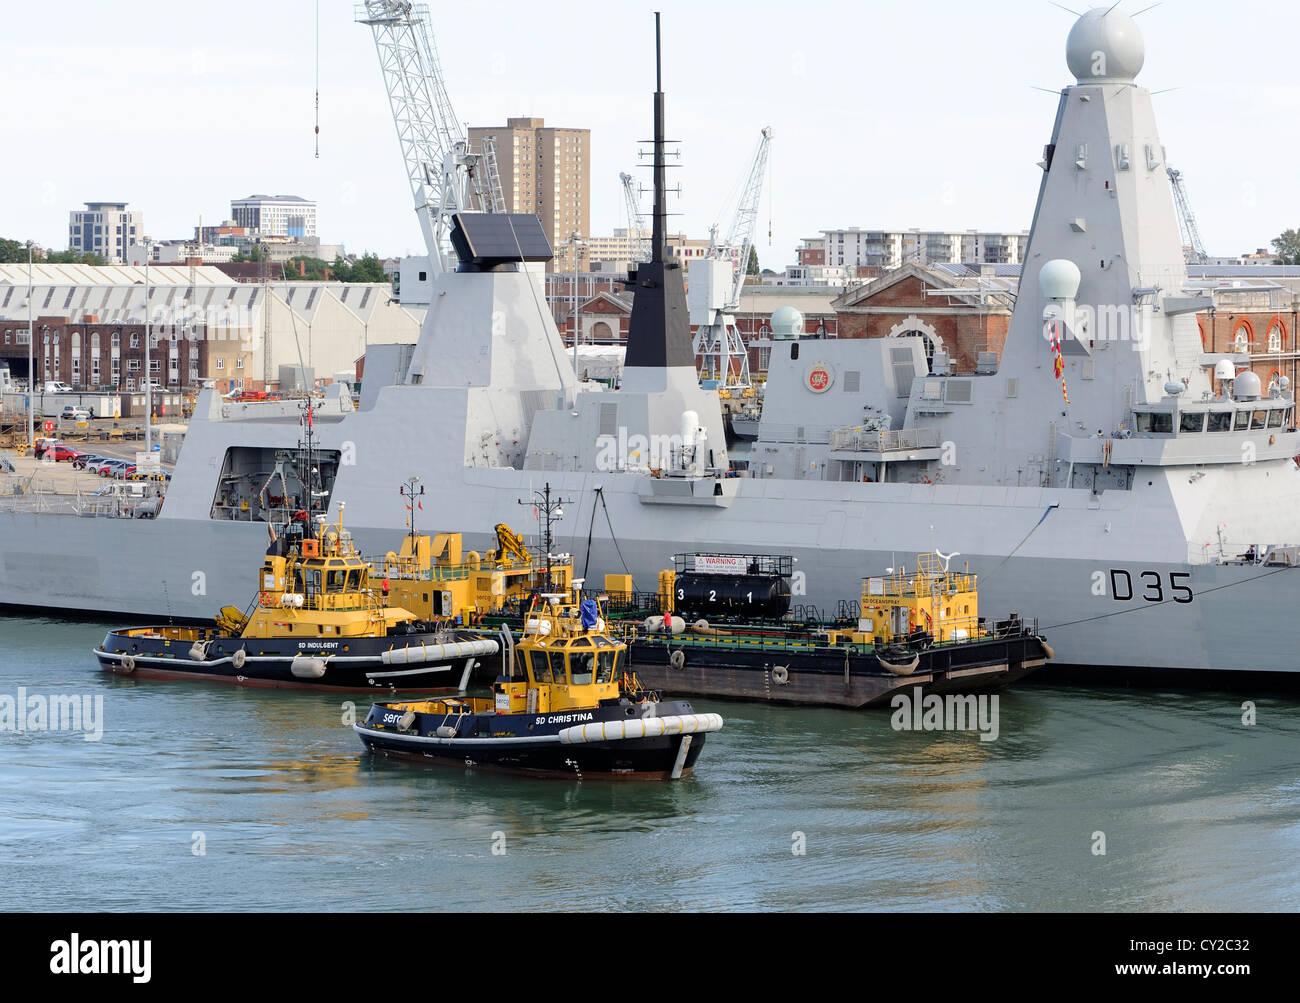 Tug boats round a warship. Portsmouth harbour.  Portsmouth, Hampshire, UK. - Stock Image